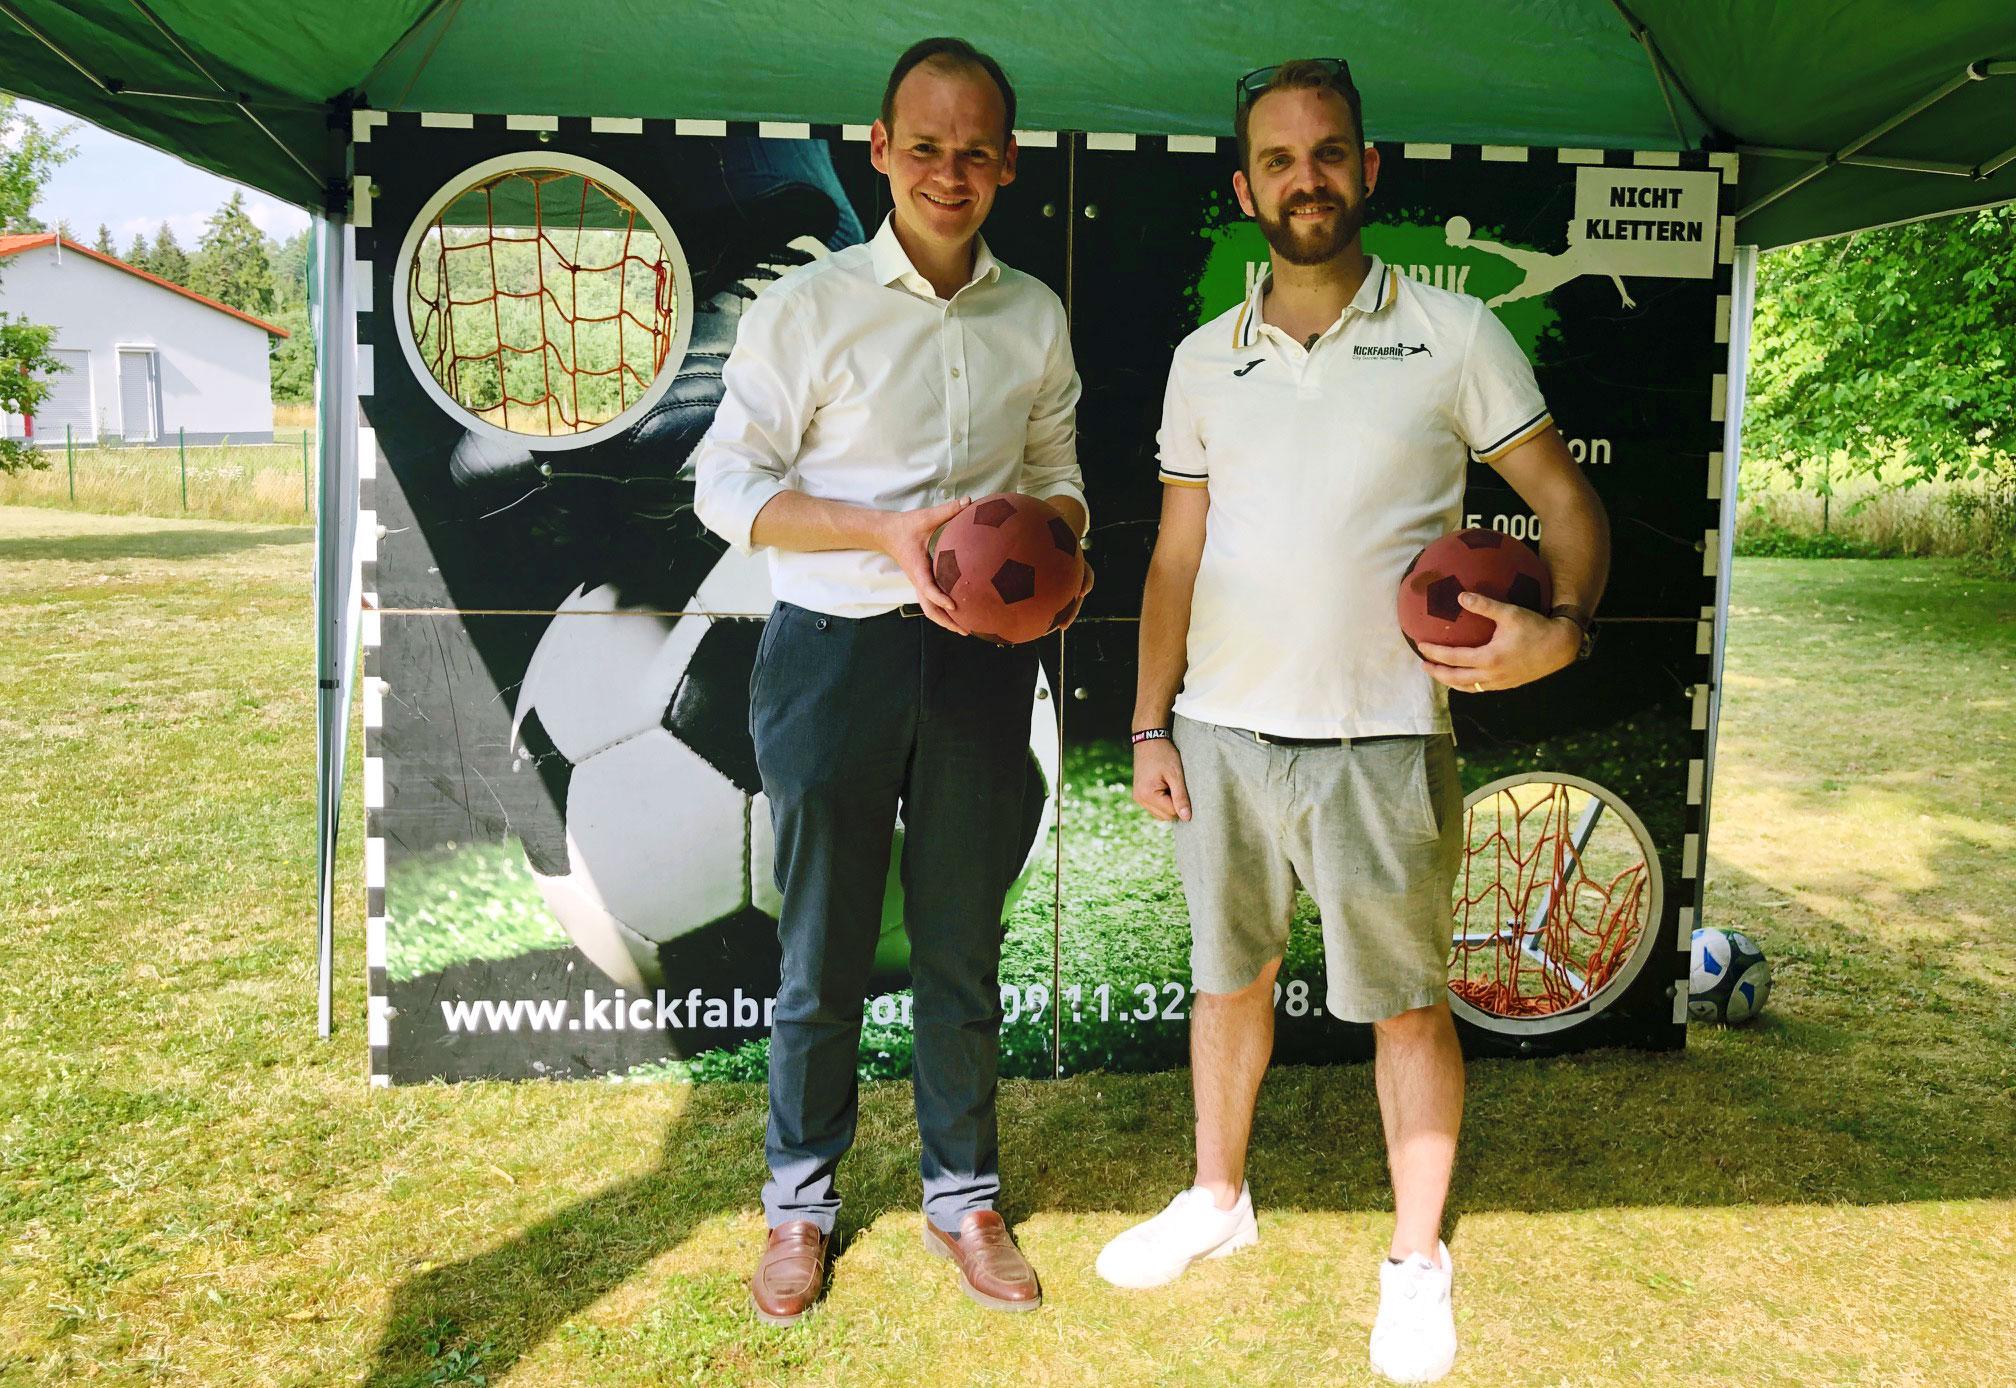 Spendenübergabe: Kickfabrik Lauf spendet Erlös der Versteigerung liegen gebliebener Sportklamotten zu Gunsten von Menschen mit Behinderung.